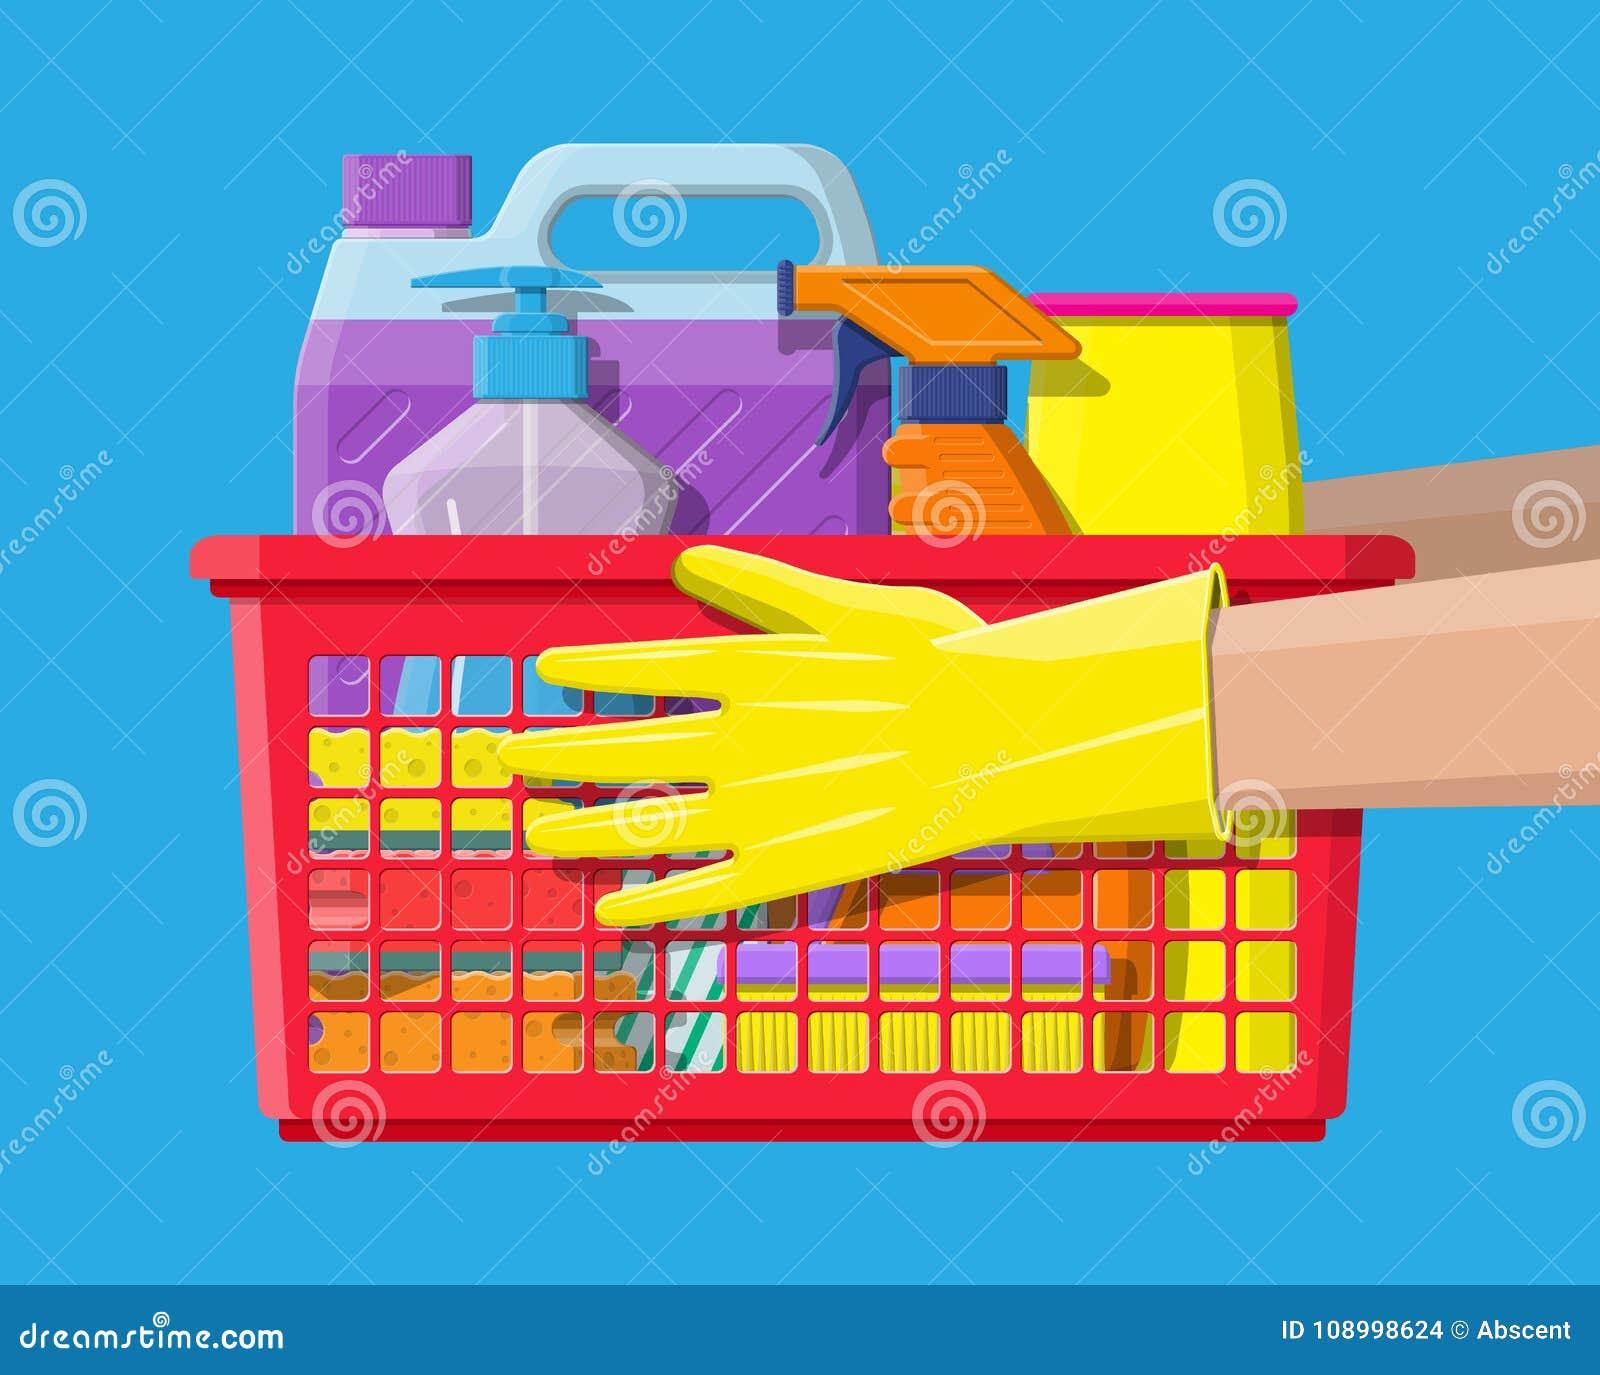 Bottle of detergent sponge soap and rubber gloves